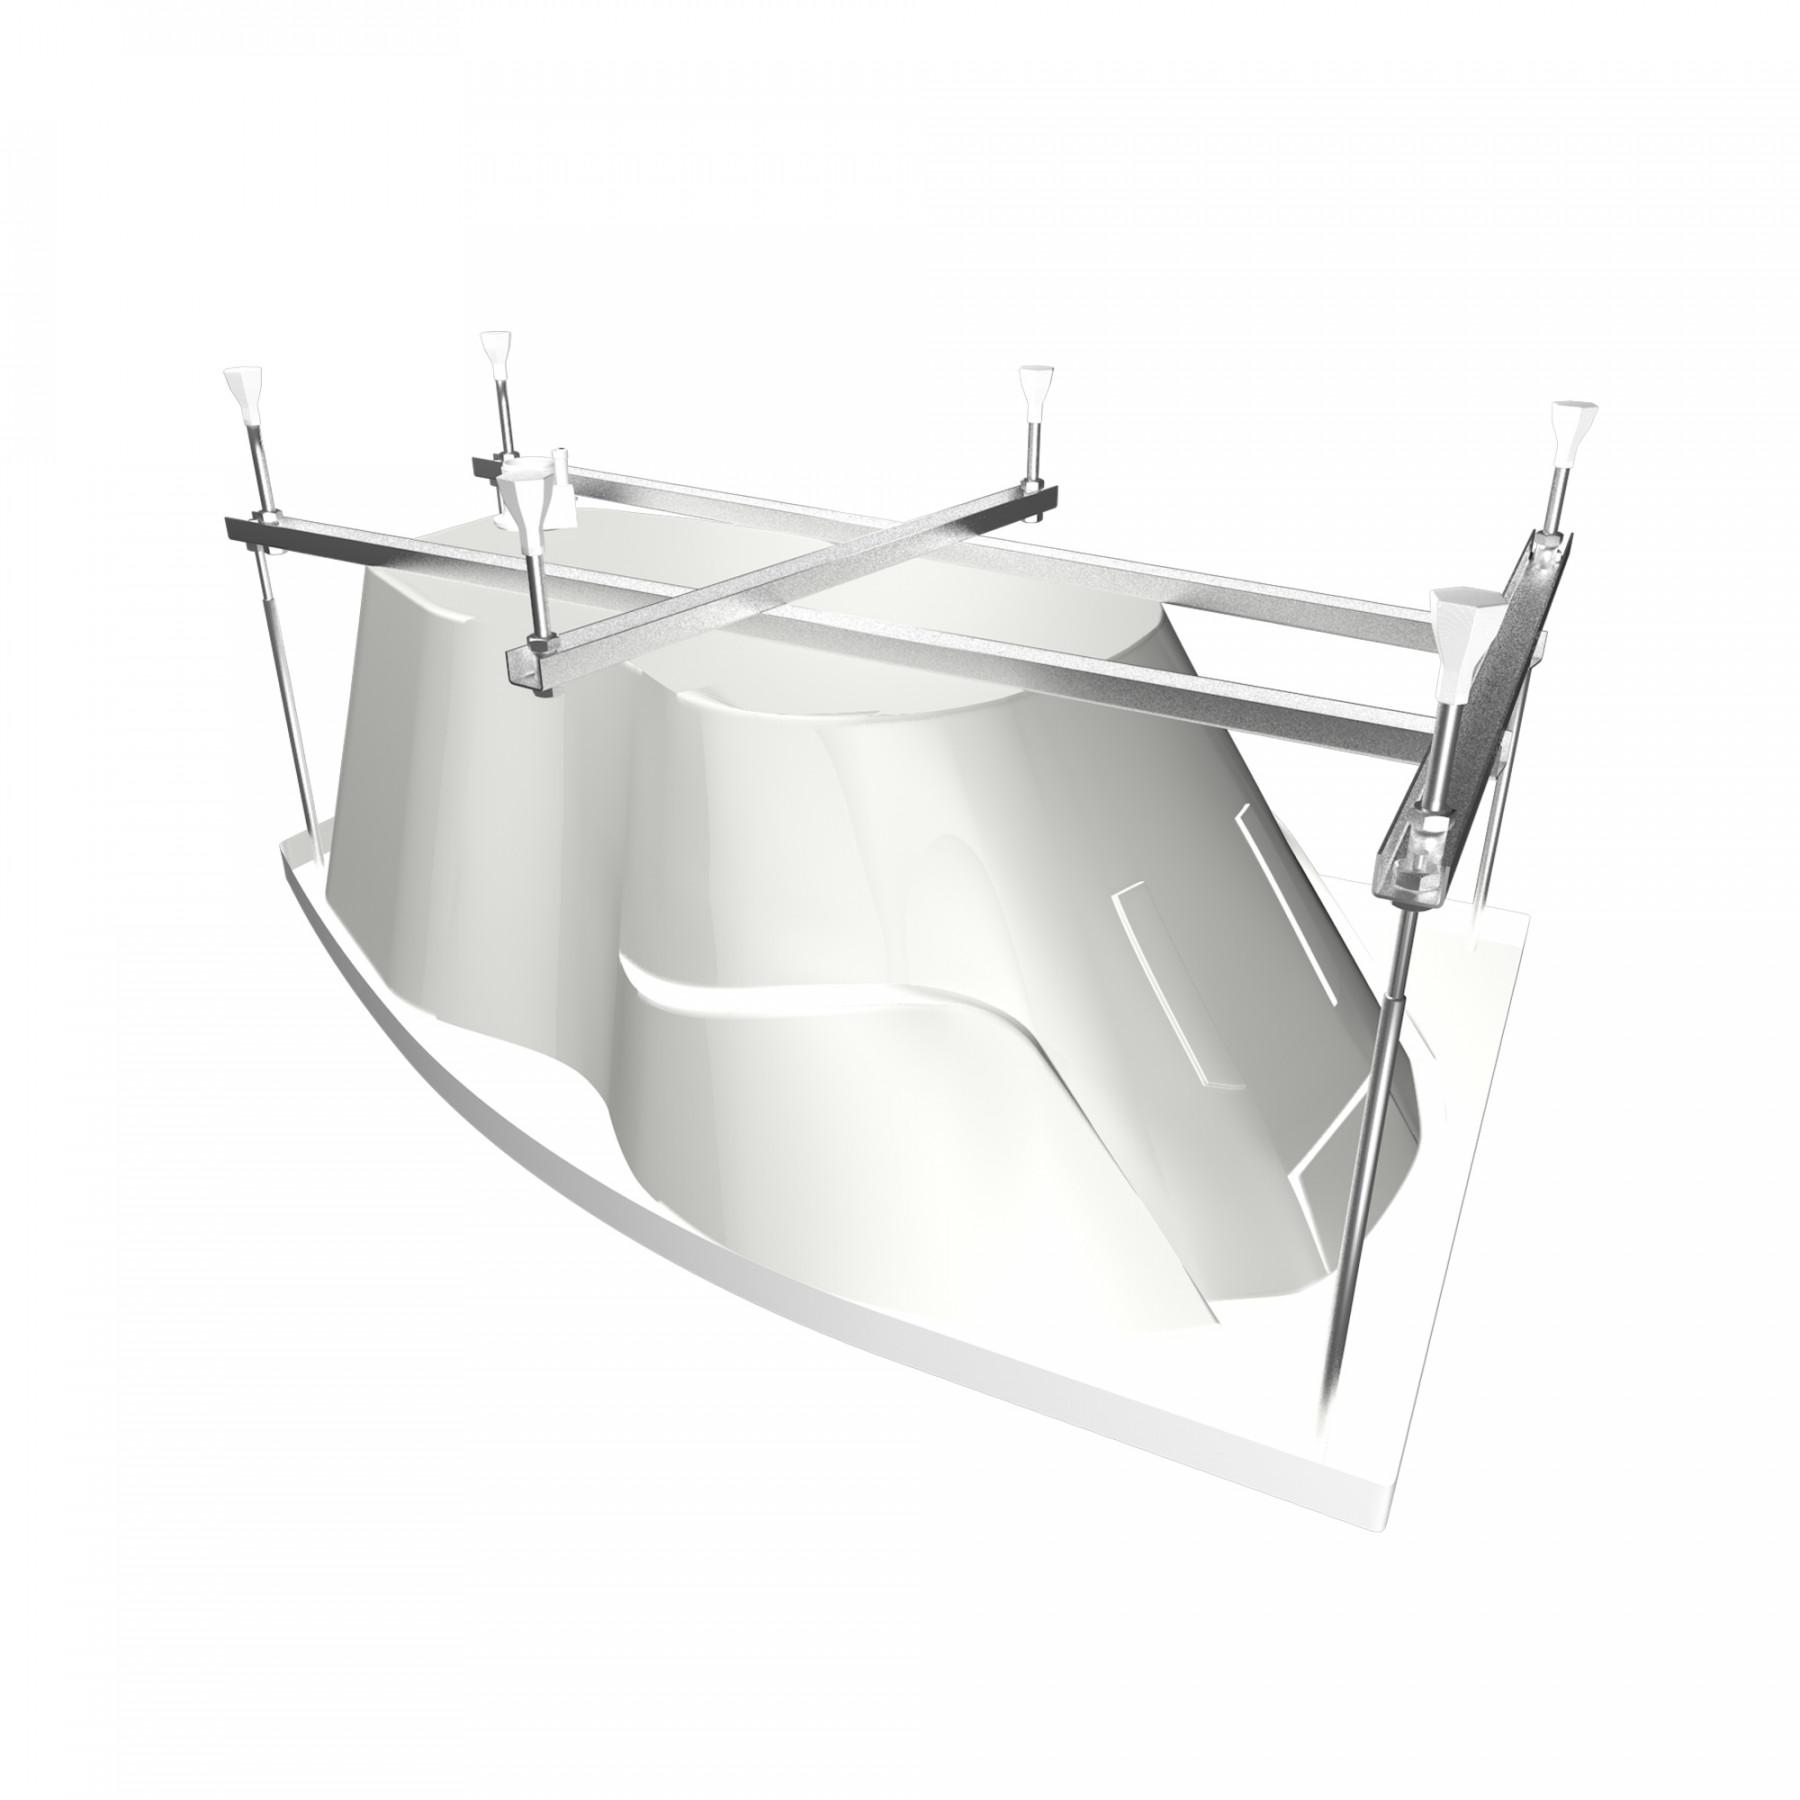 Акриловая ванна Triton Лайма 160x95 левая